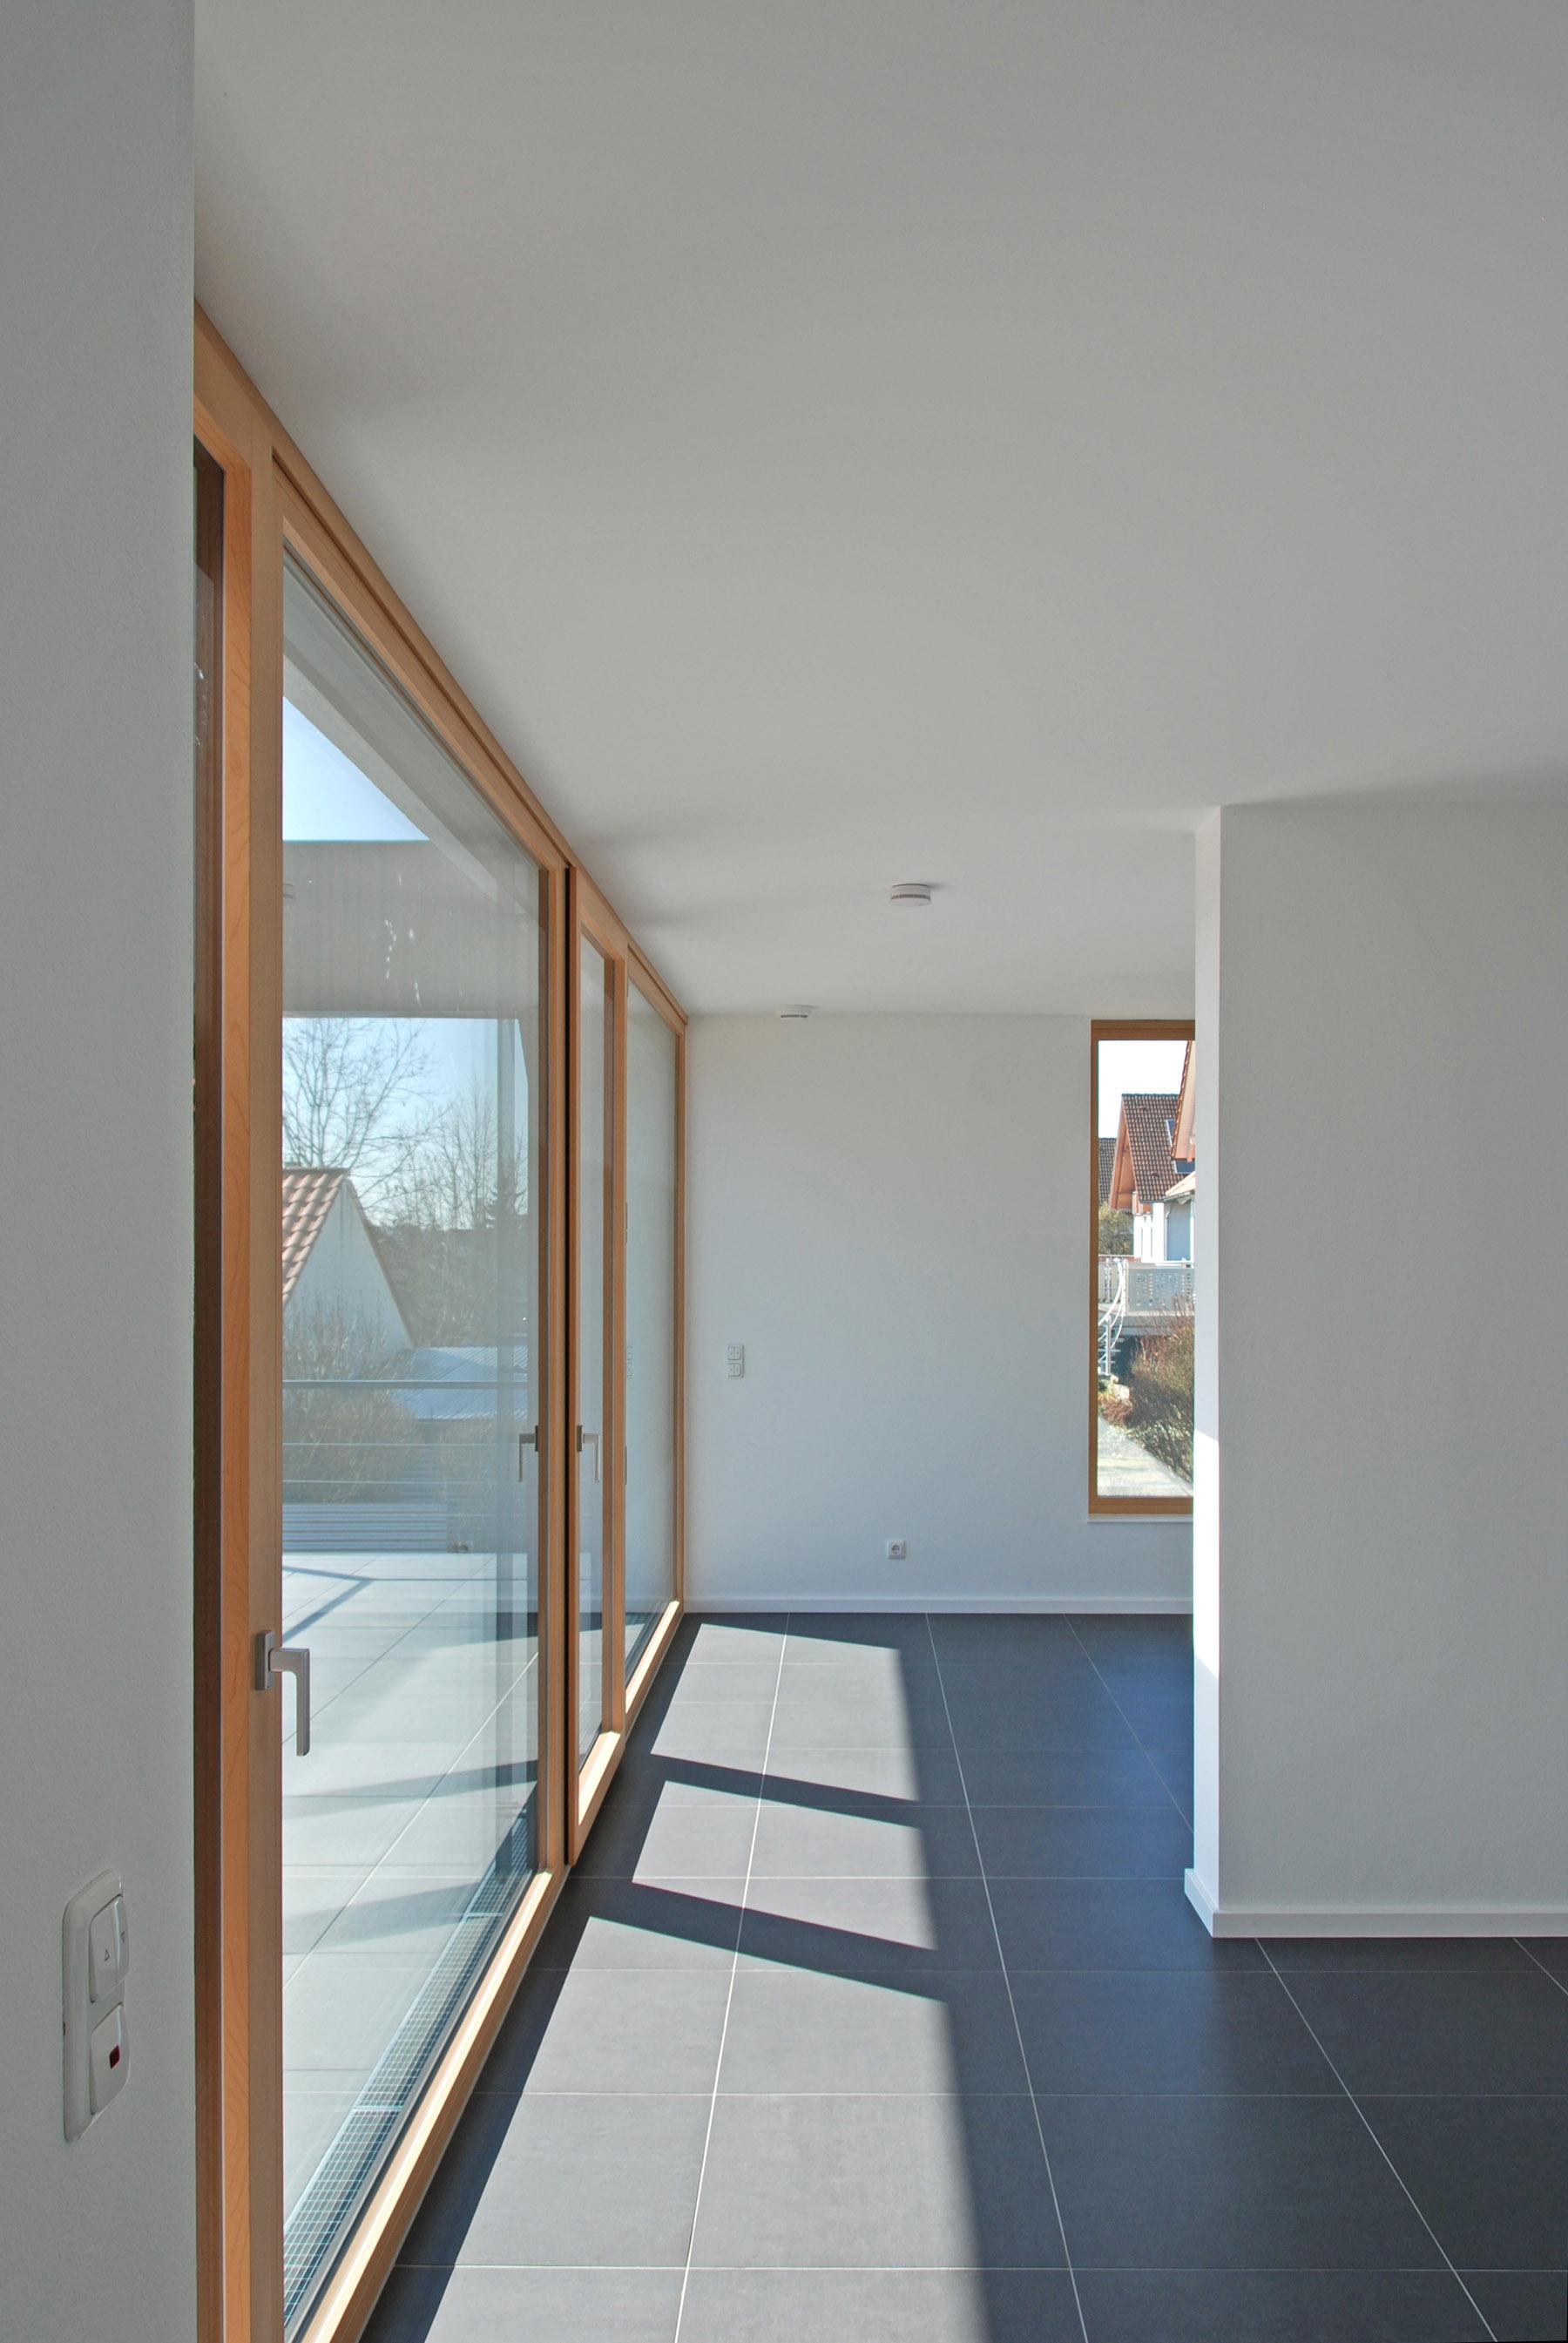 Innenarchitektur Fensterfront Beste Wahl Ziegelleite Bild 2